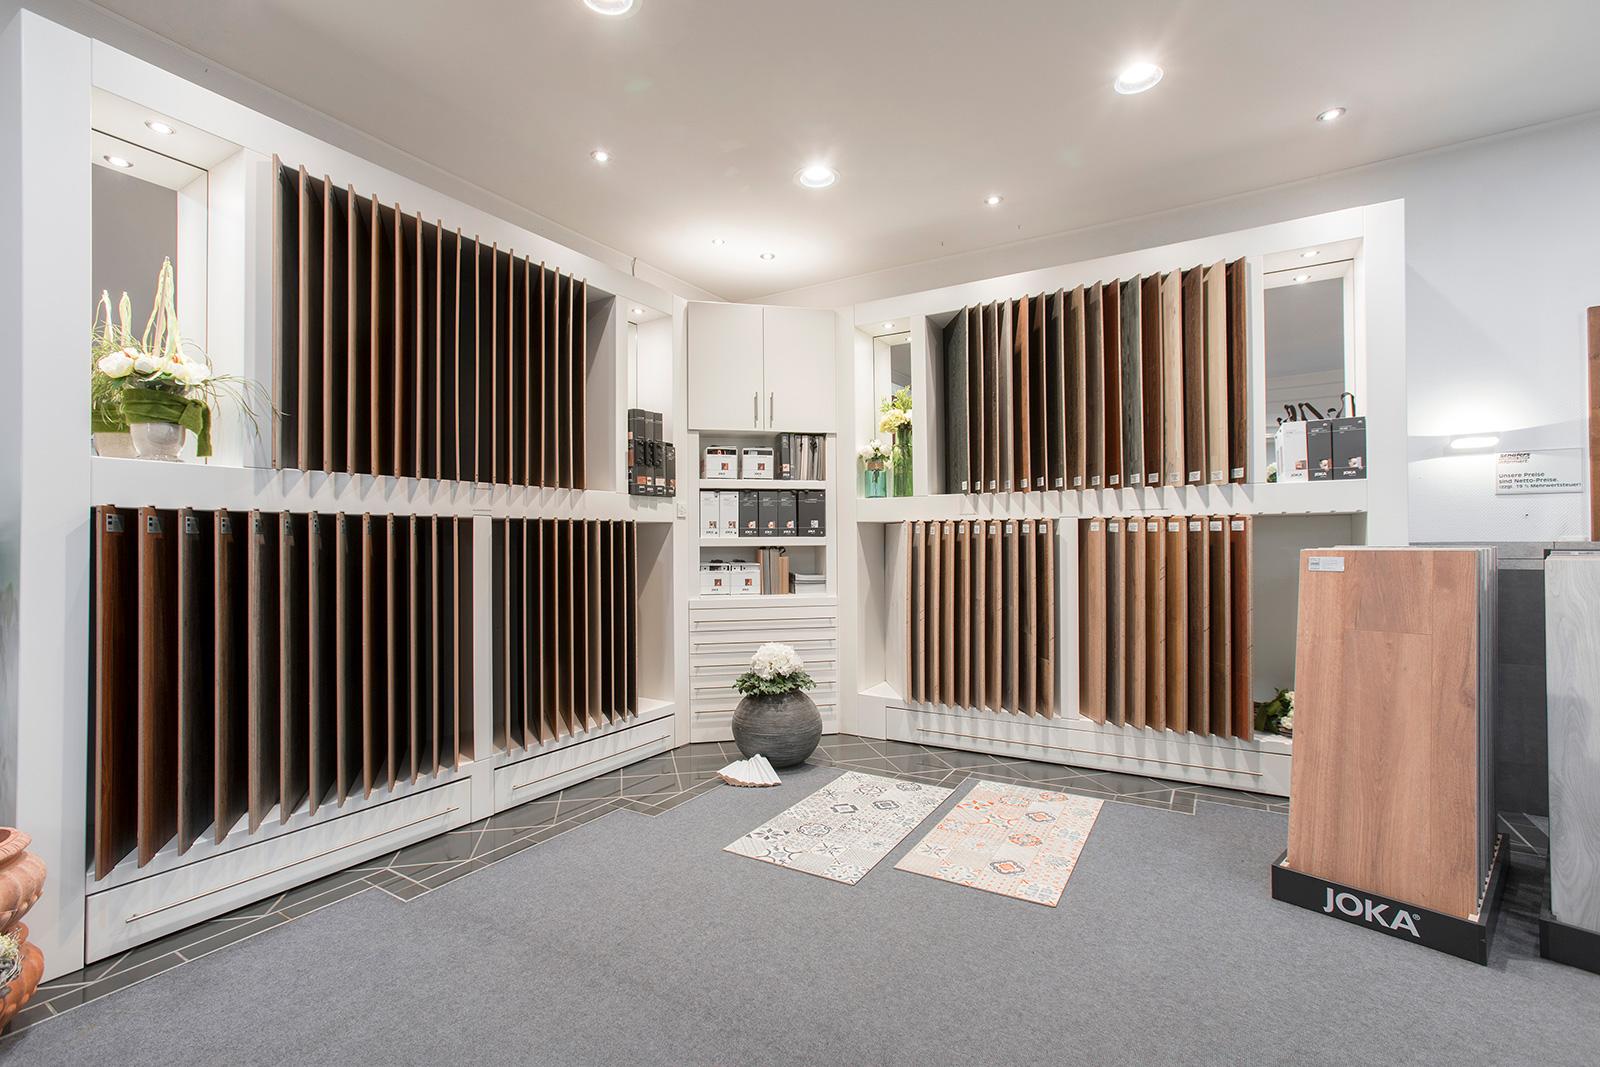 bodenbel ge teppich laminat kork linoleum hochwertige qualit t. Black Bedroom Furniture Sets. Home Design Ideas